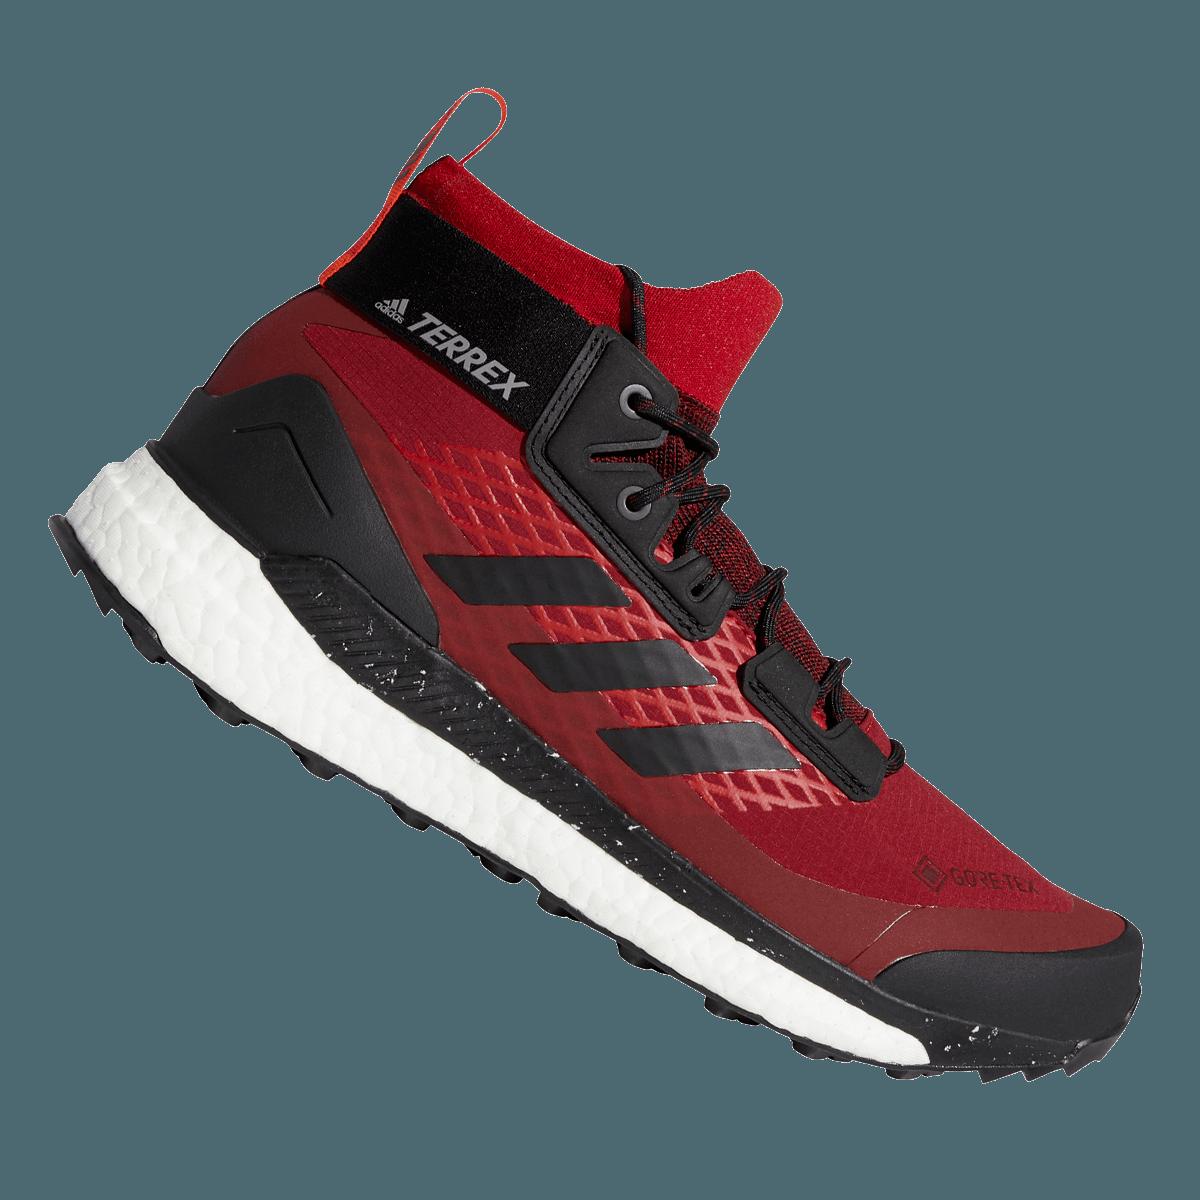 Free Adidas Schuh Dunkelrotschwarz Hiker Terrex Gtx zVUqSMp